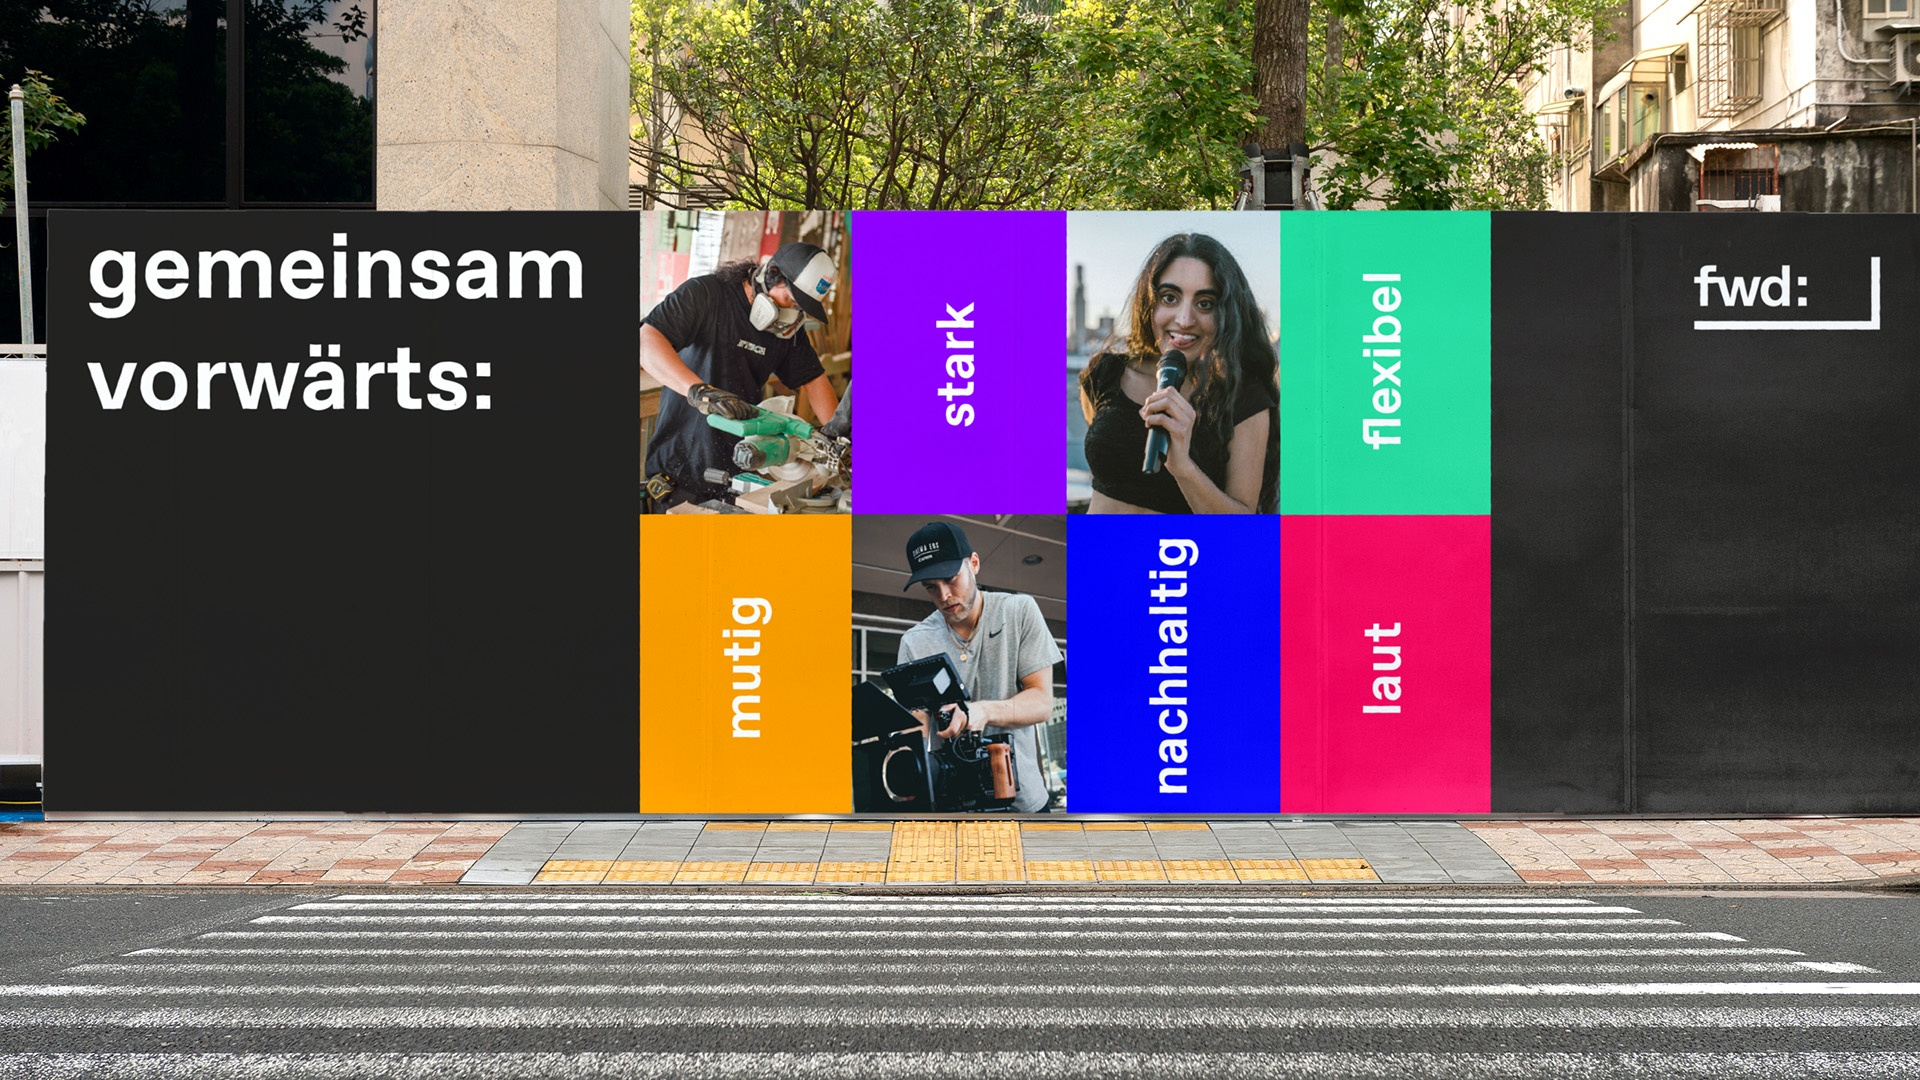 fwd: Bundesvereinigung Veranstaltungswirtschaft Plakatwand